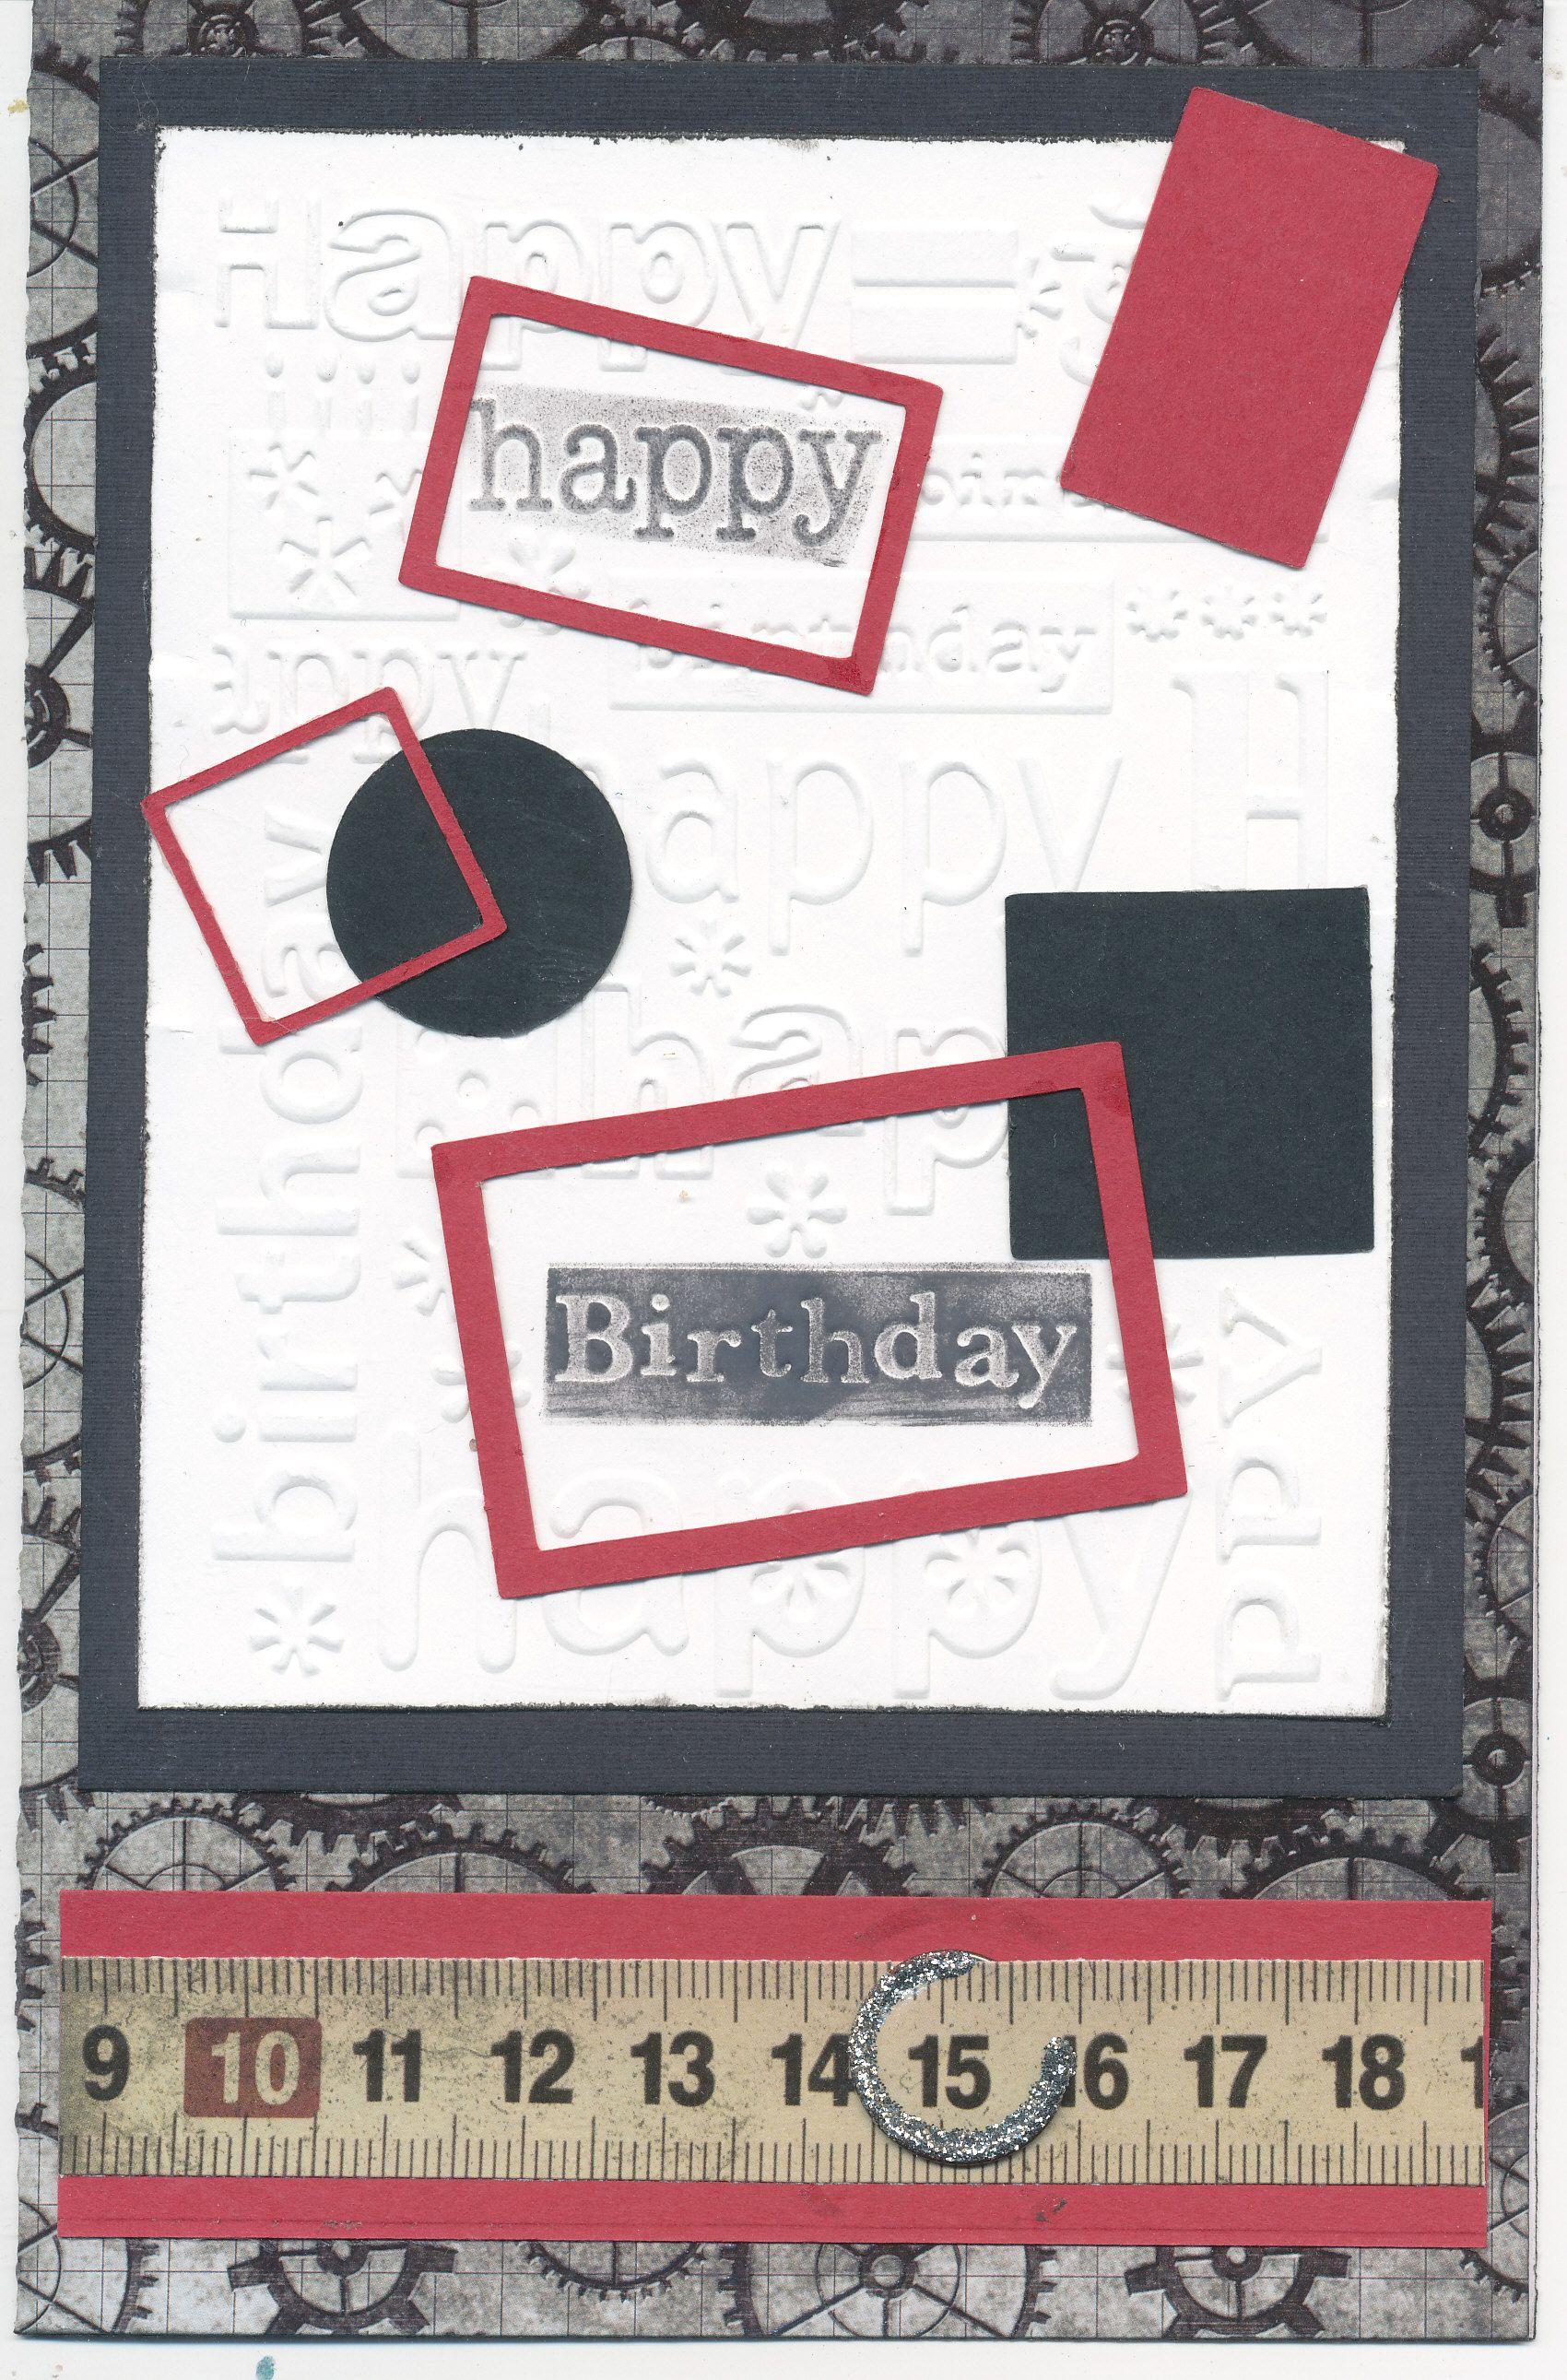 Birthday Card For 15 Year Old Boy